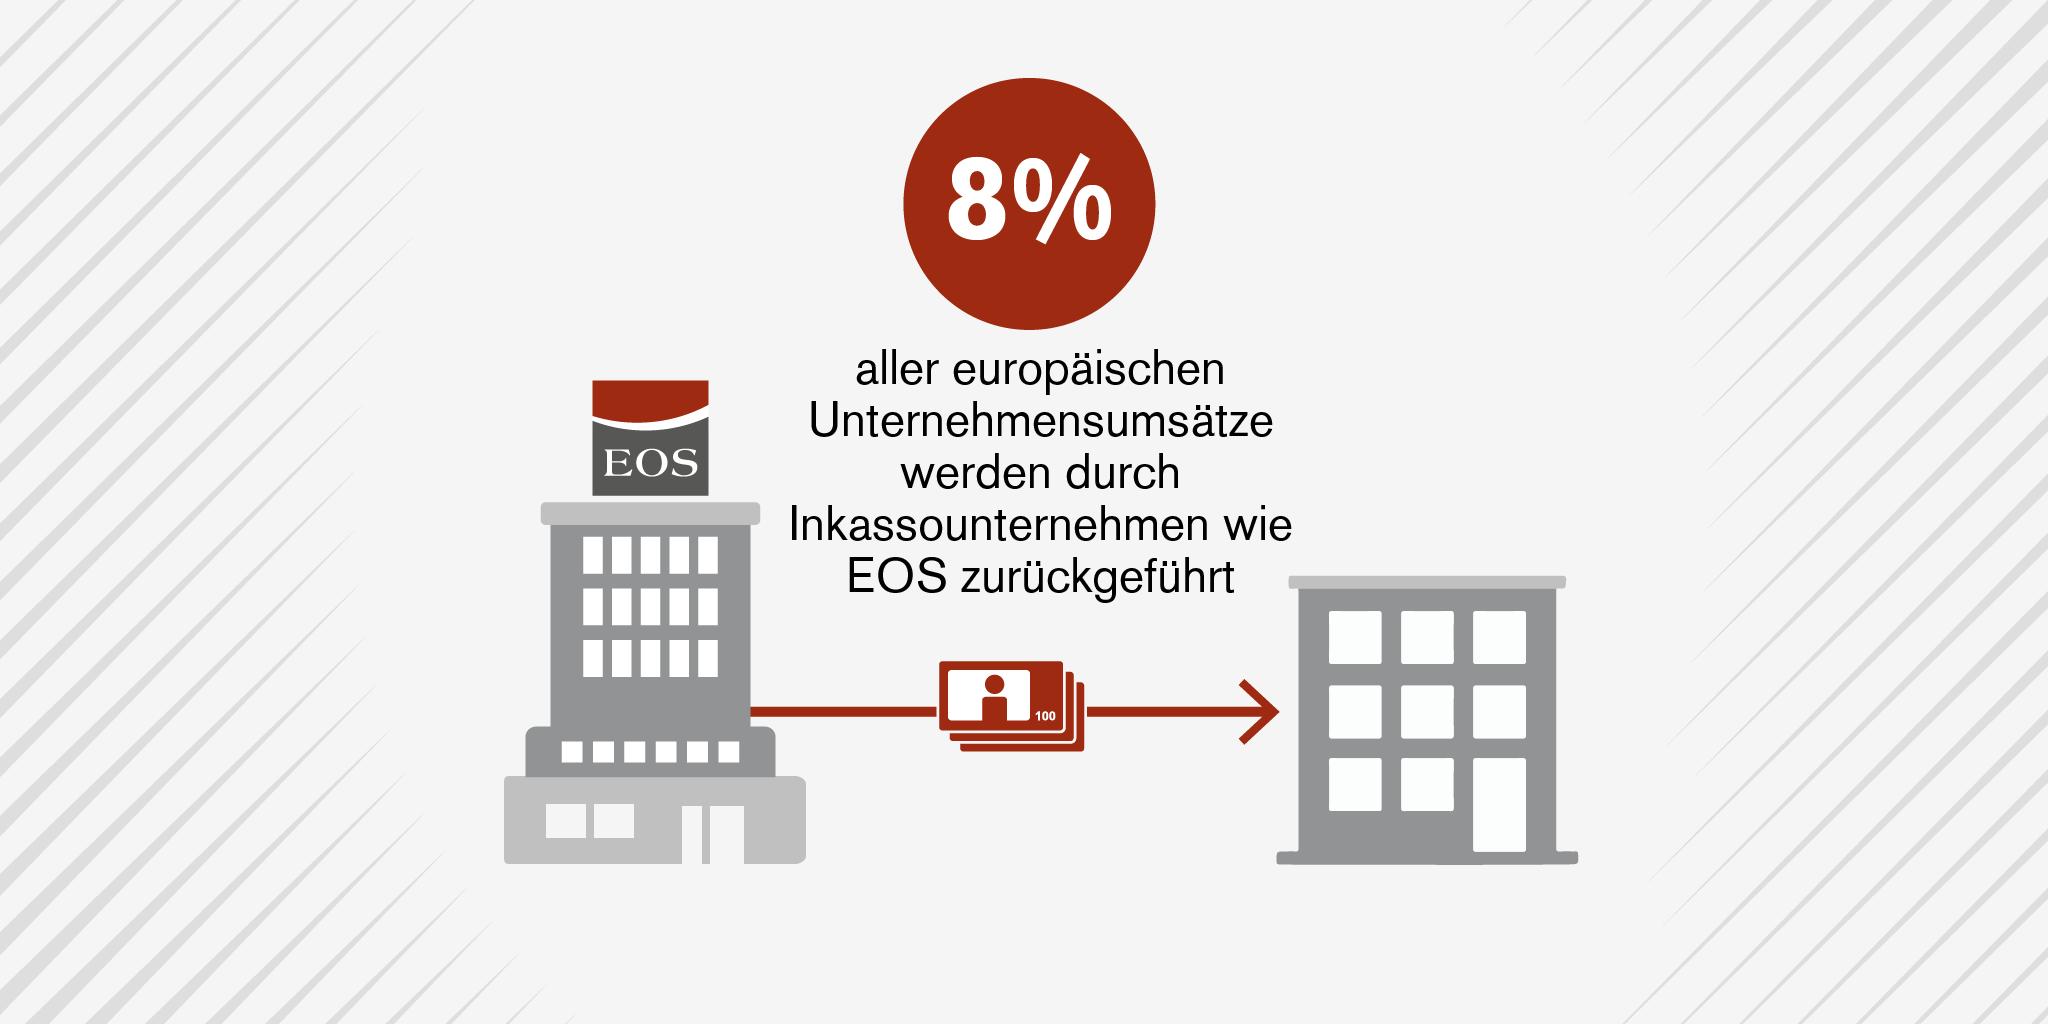 Registrierte Inkassounternehmen Deutschland